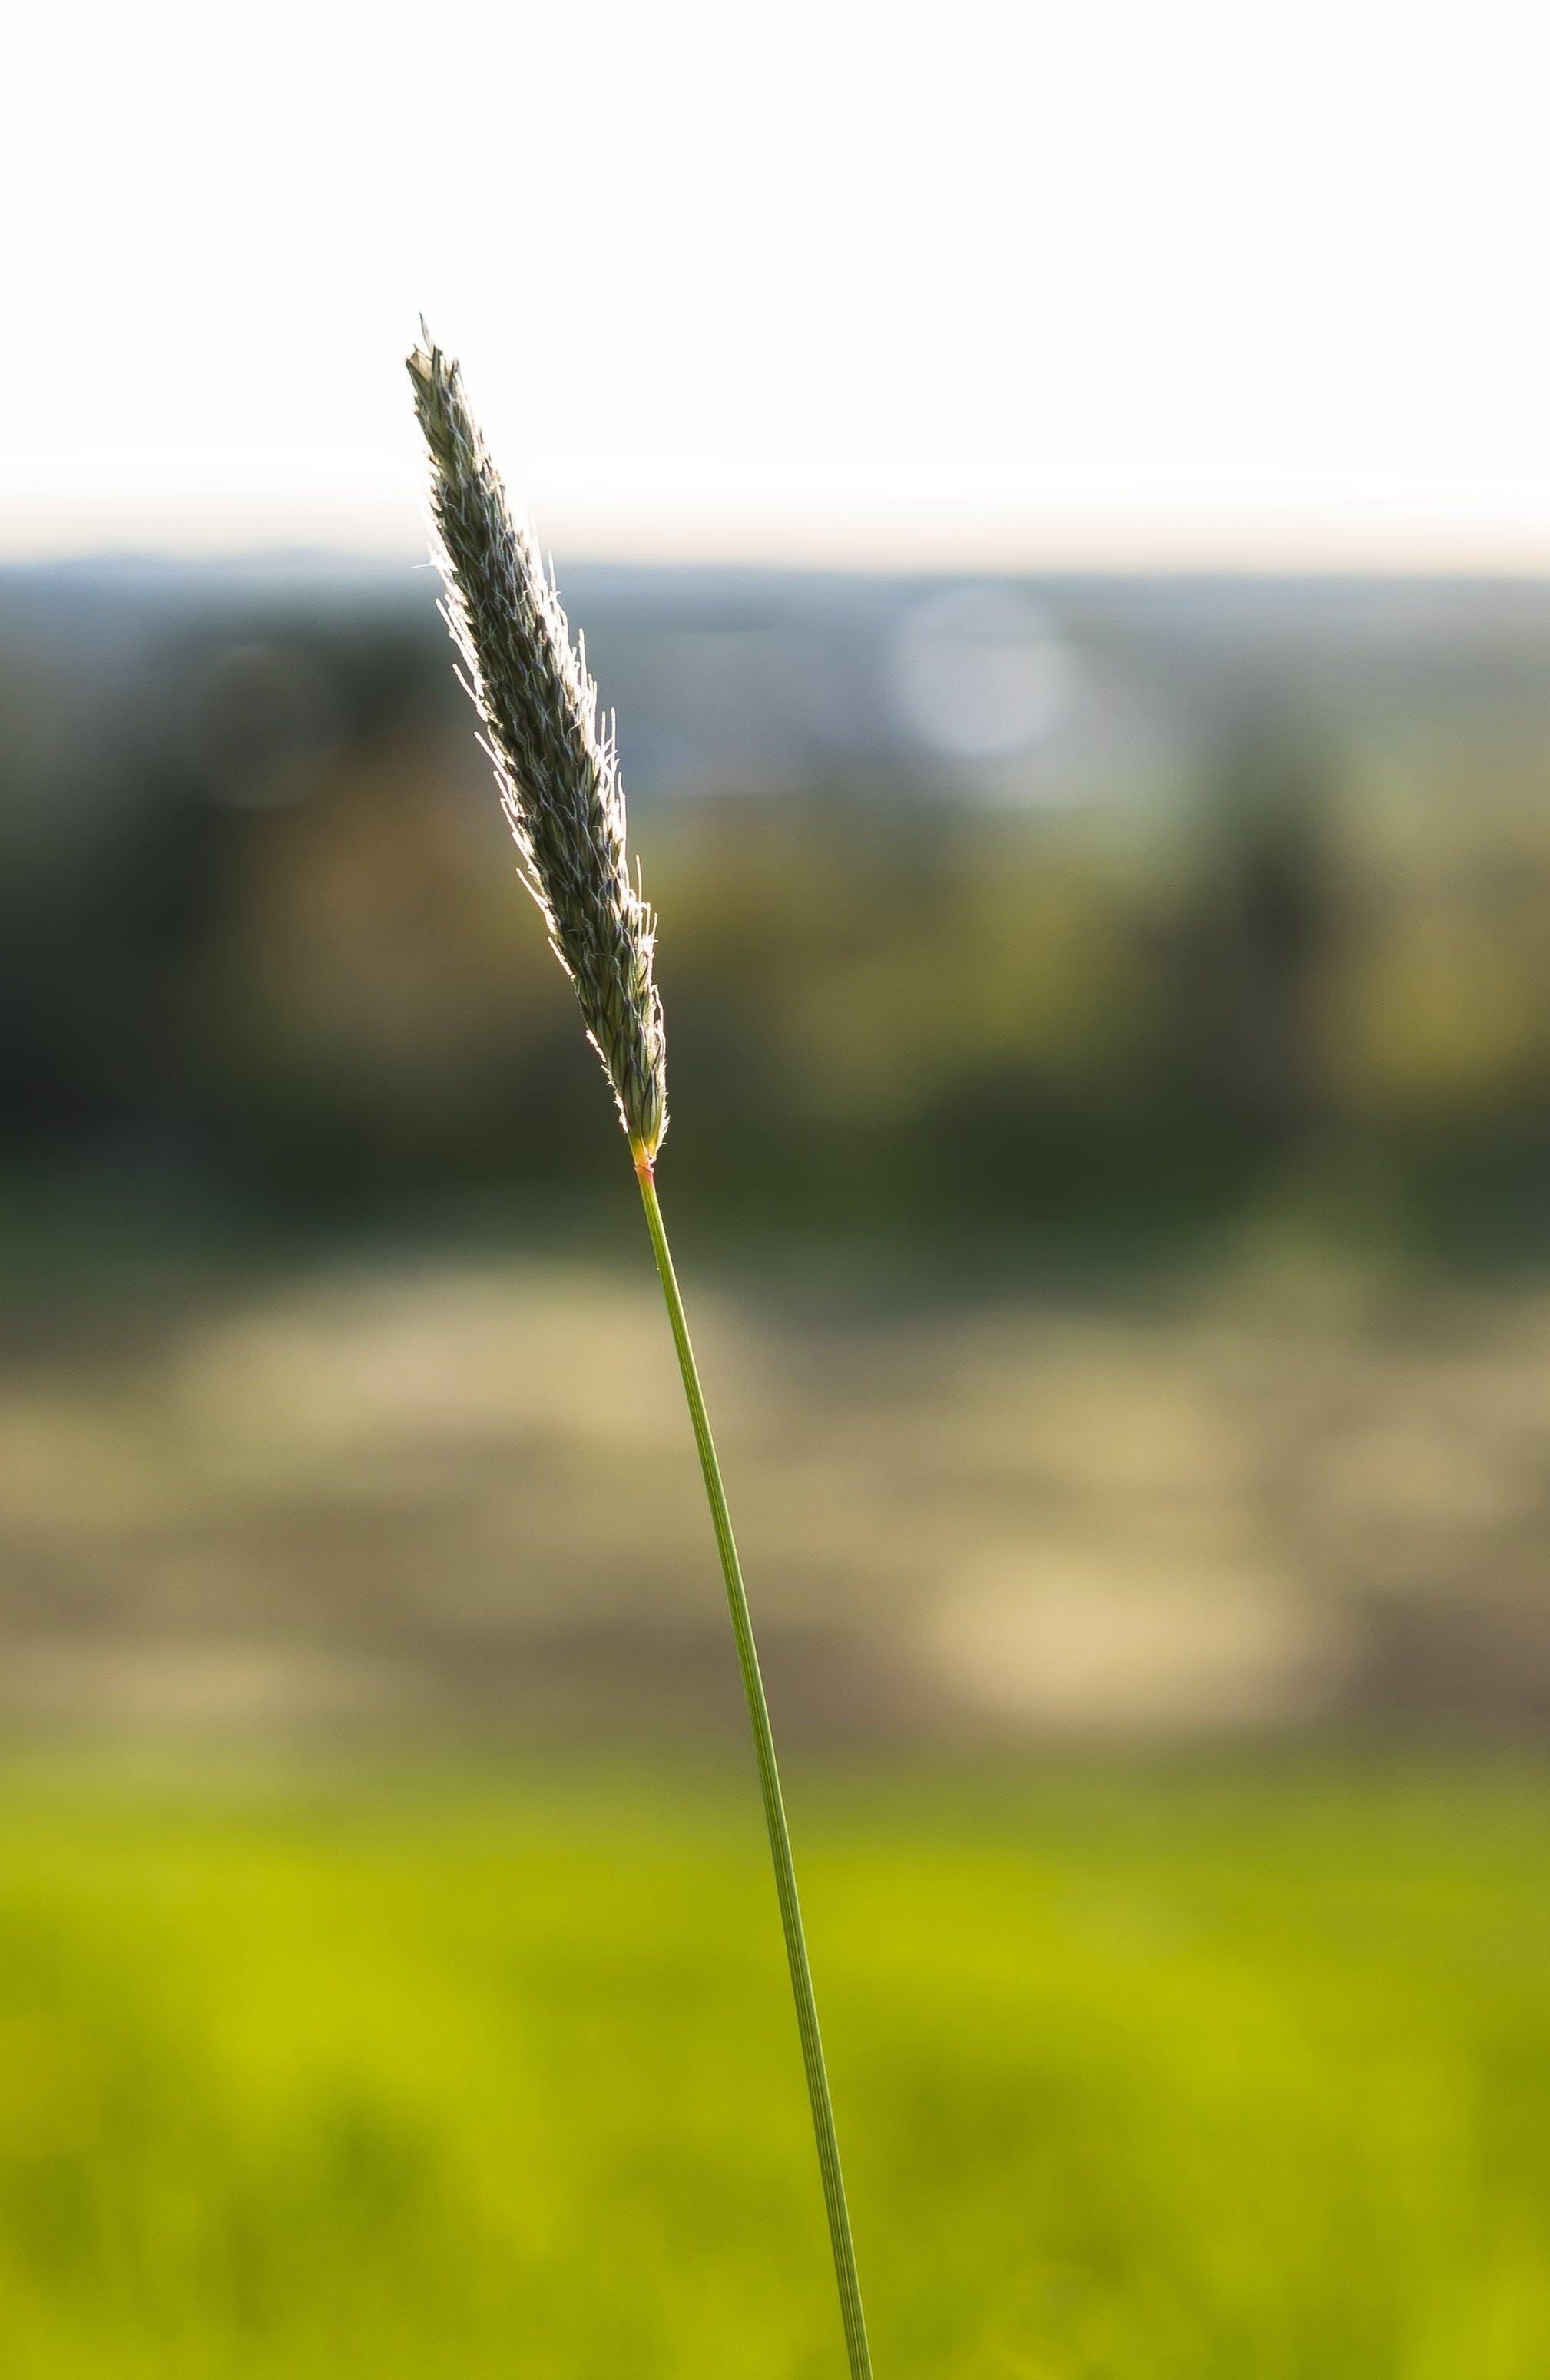 of blade of grass, close, grass, halme